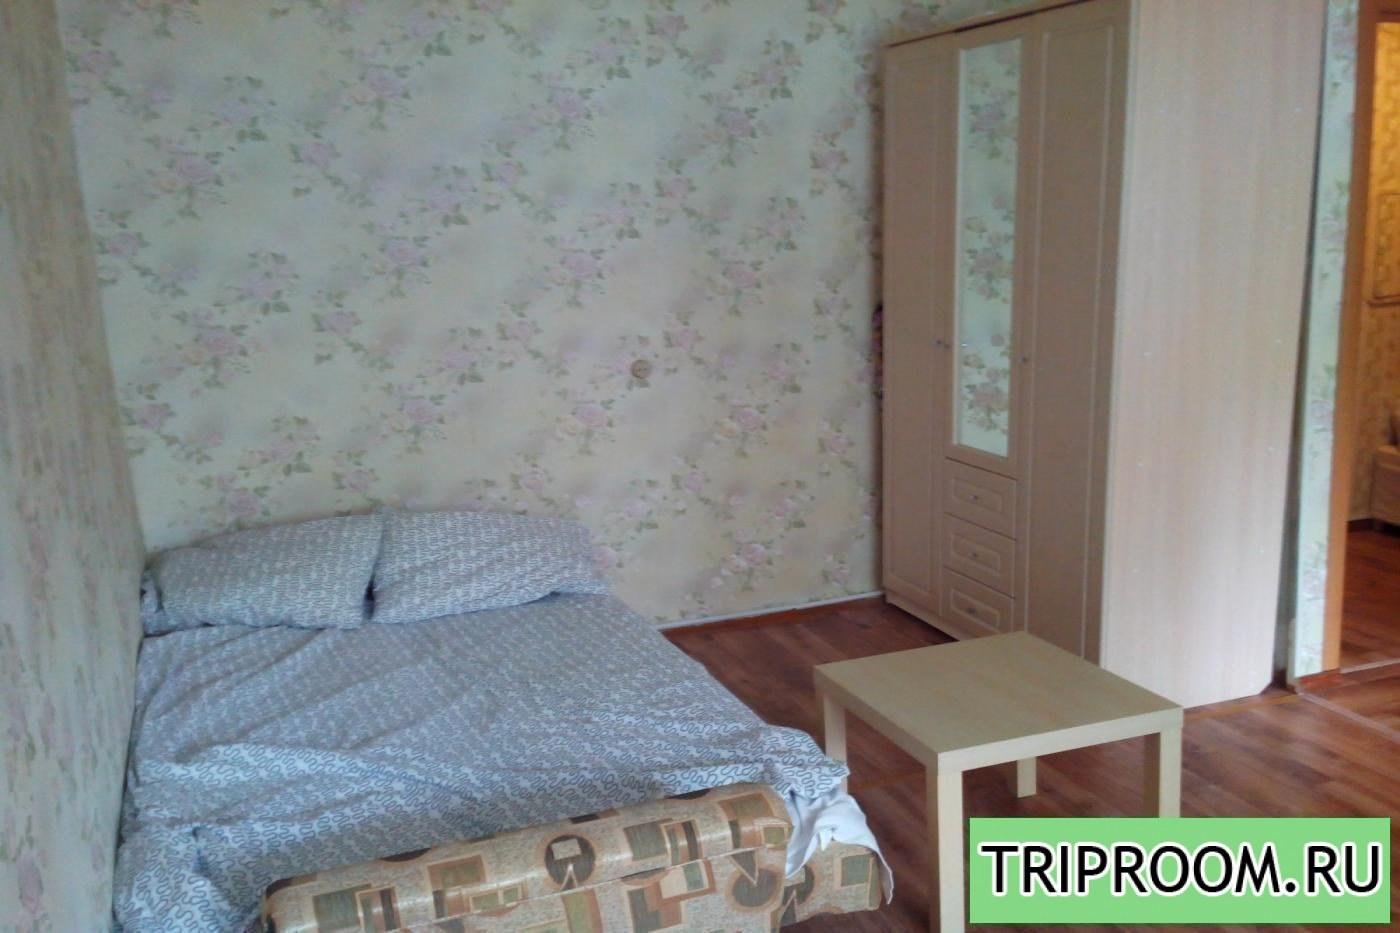 1-комнатная квартира посуточно (вариант № 8939), ул. Советская улица, фото № 1